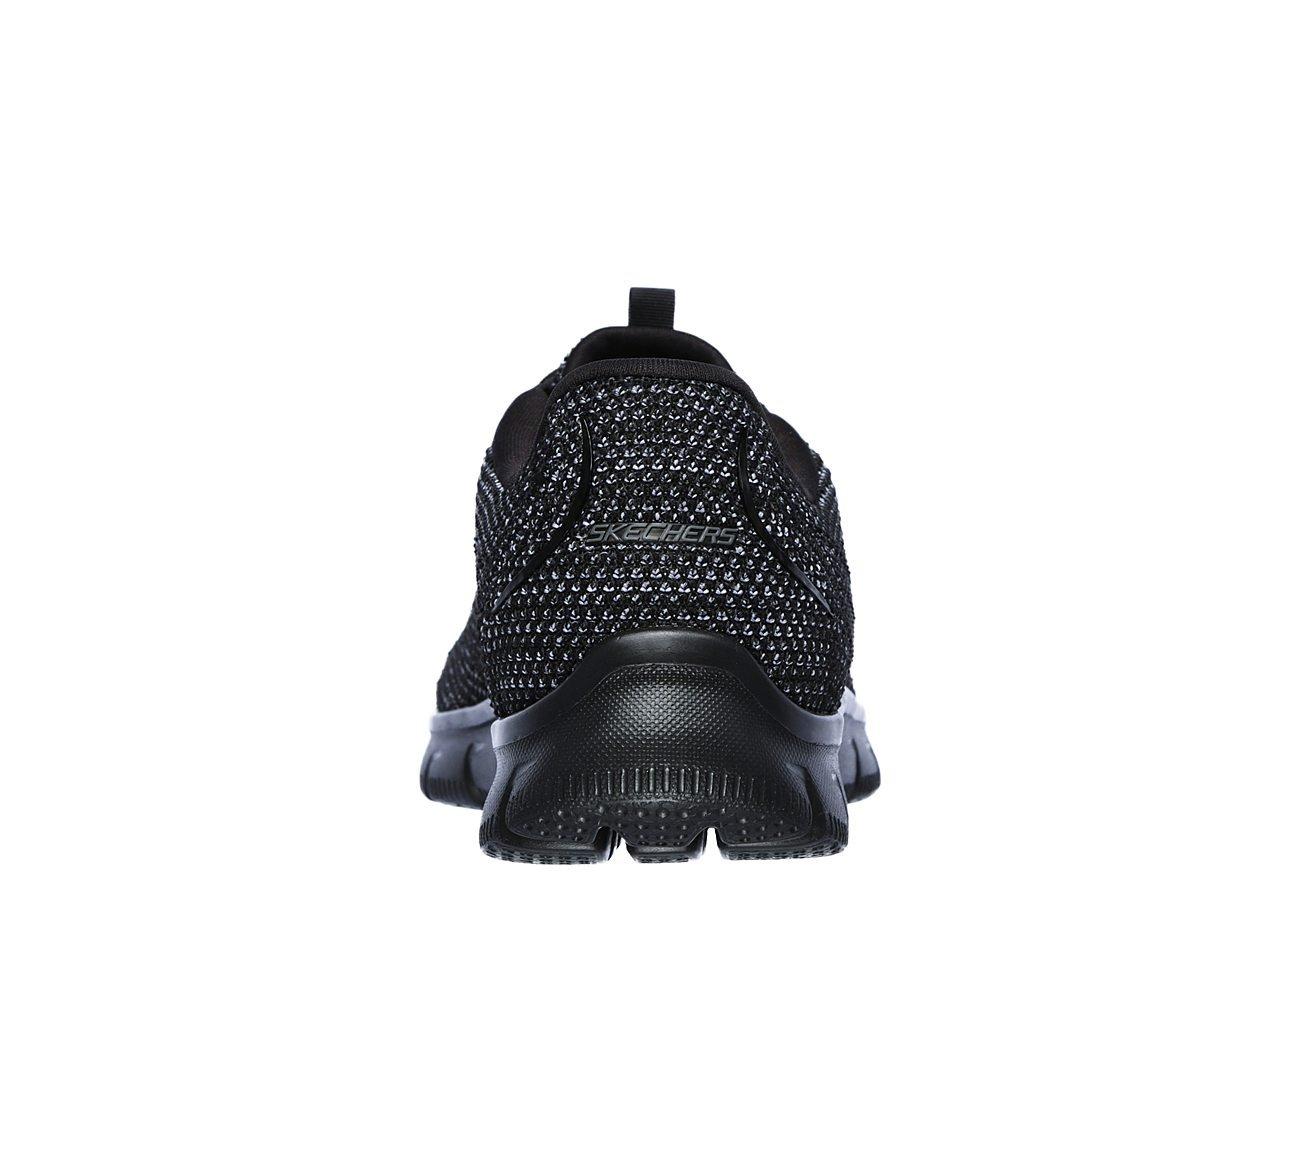 Skechers Sport Women's Empire Fashion Sneaker B07FM9RGVR 6.5 (B)M US Black Knit